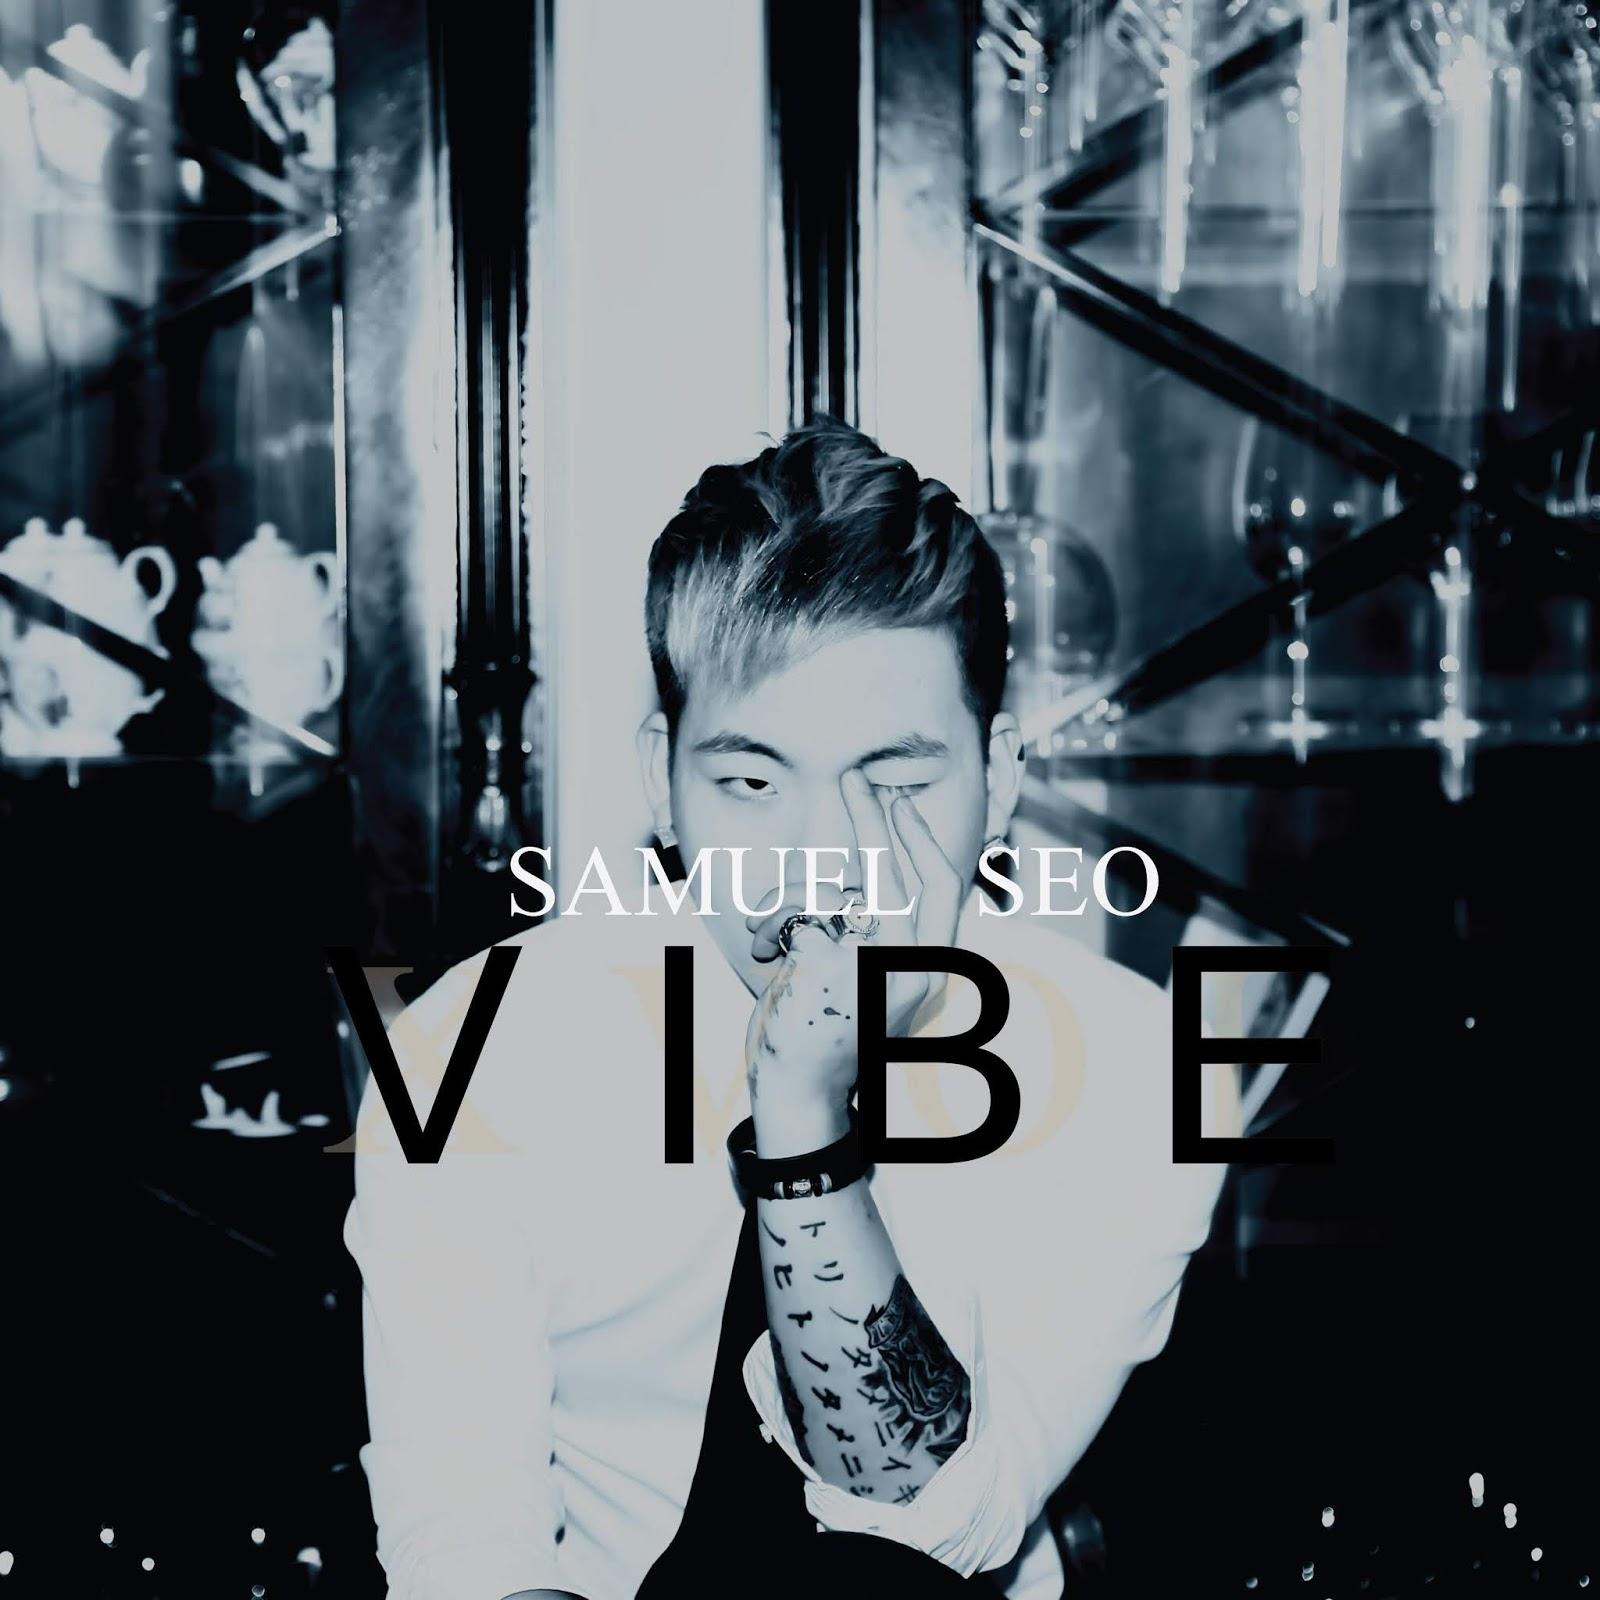 Samuel Seo – Vibe – Single